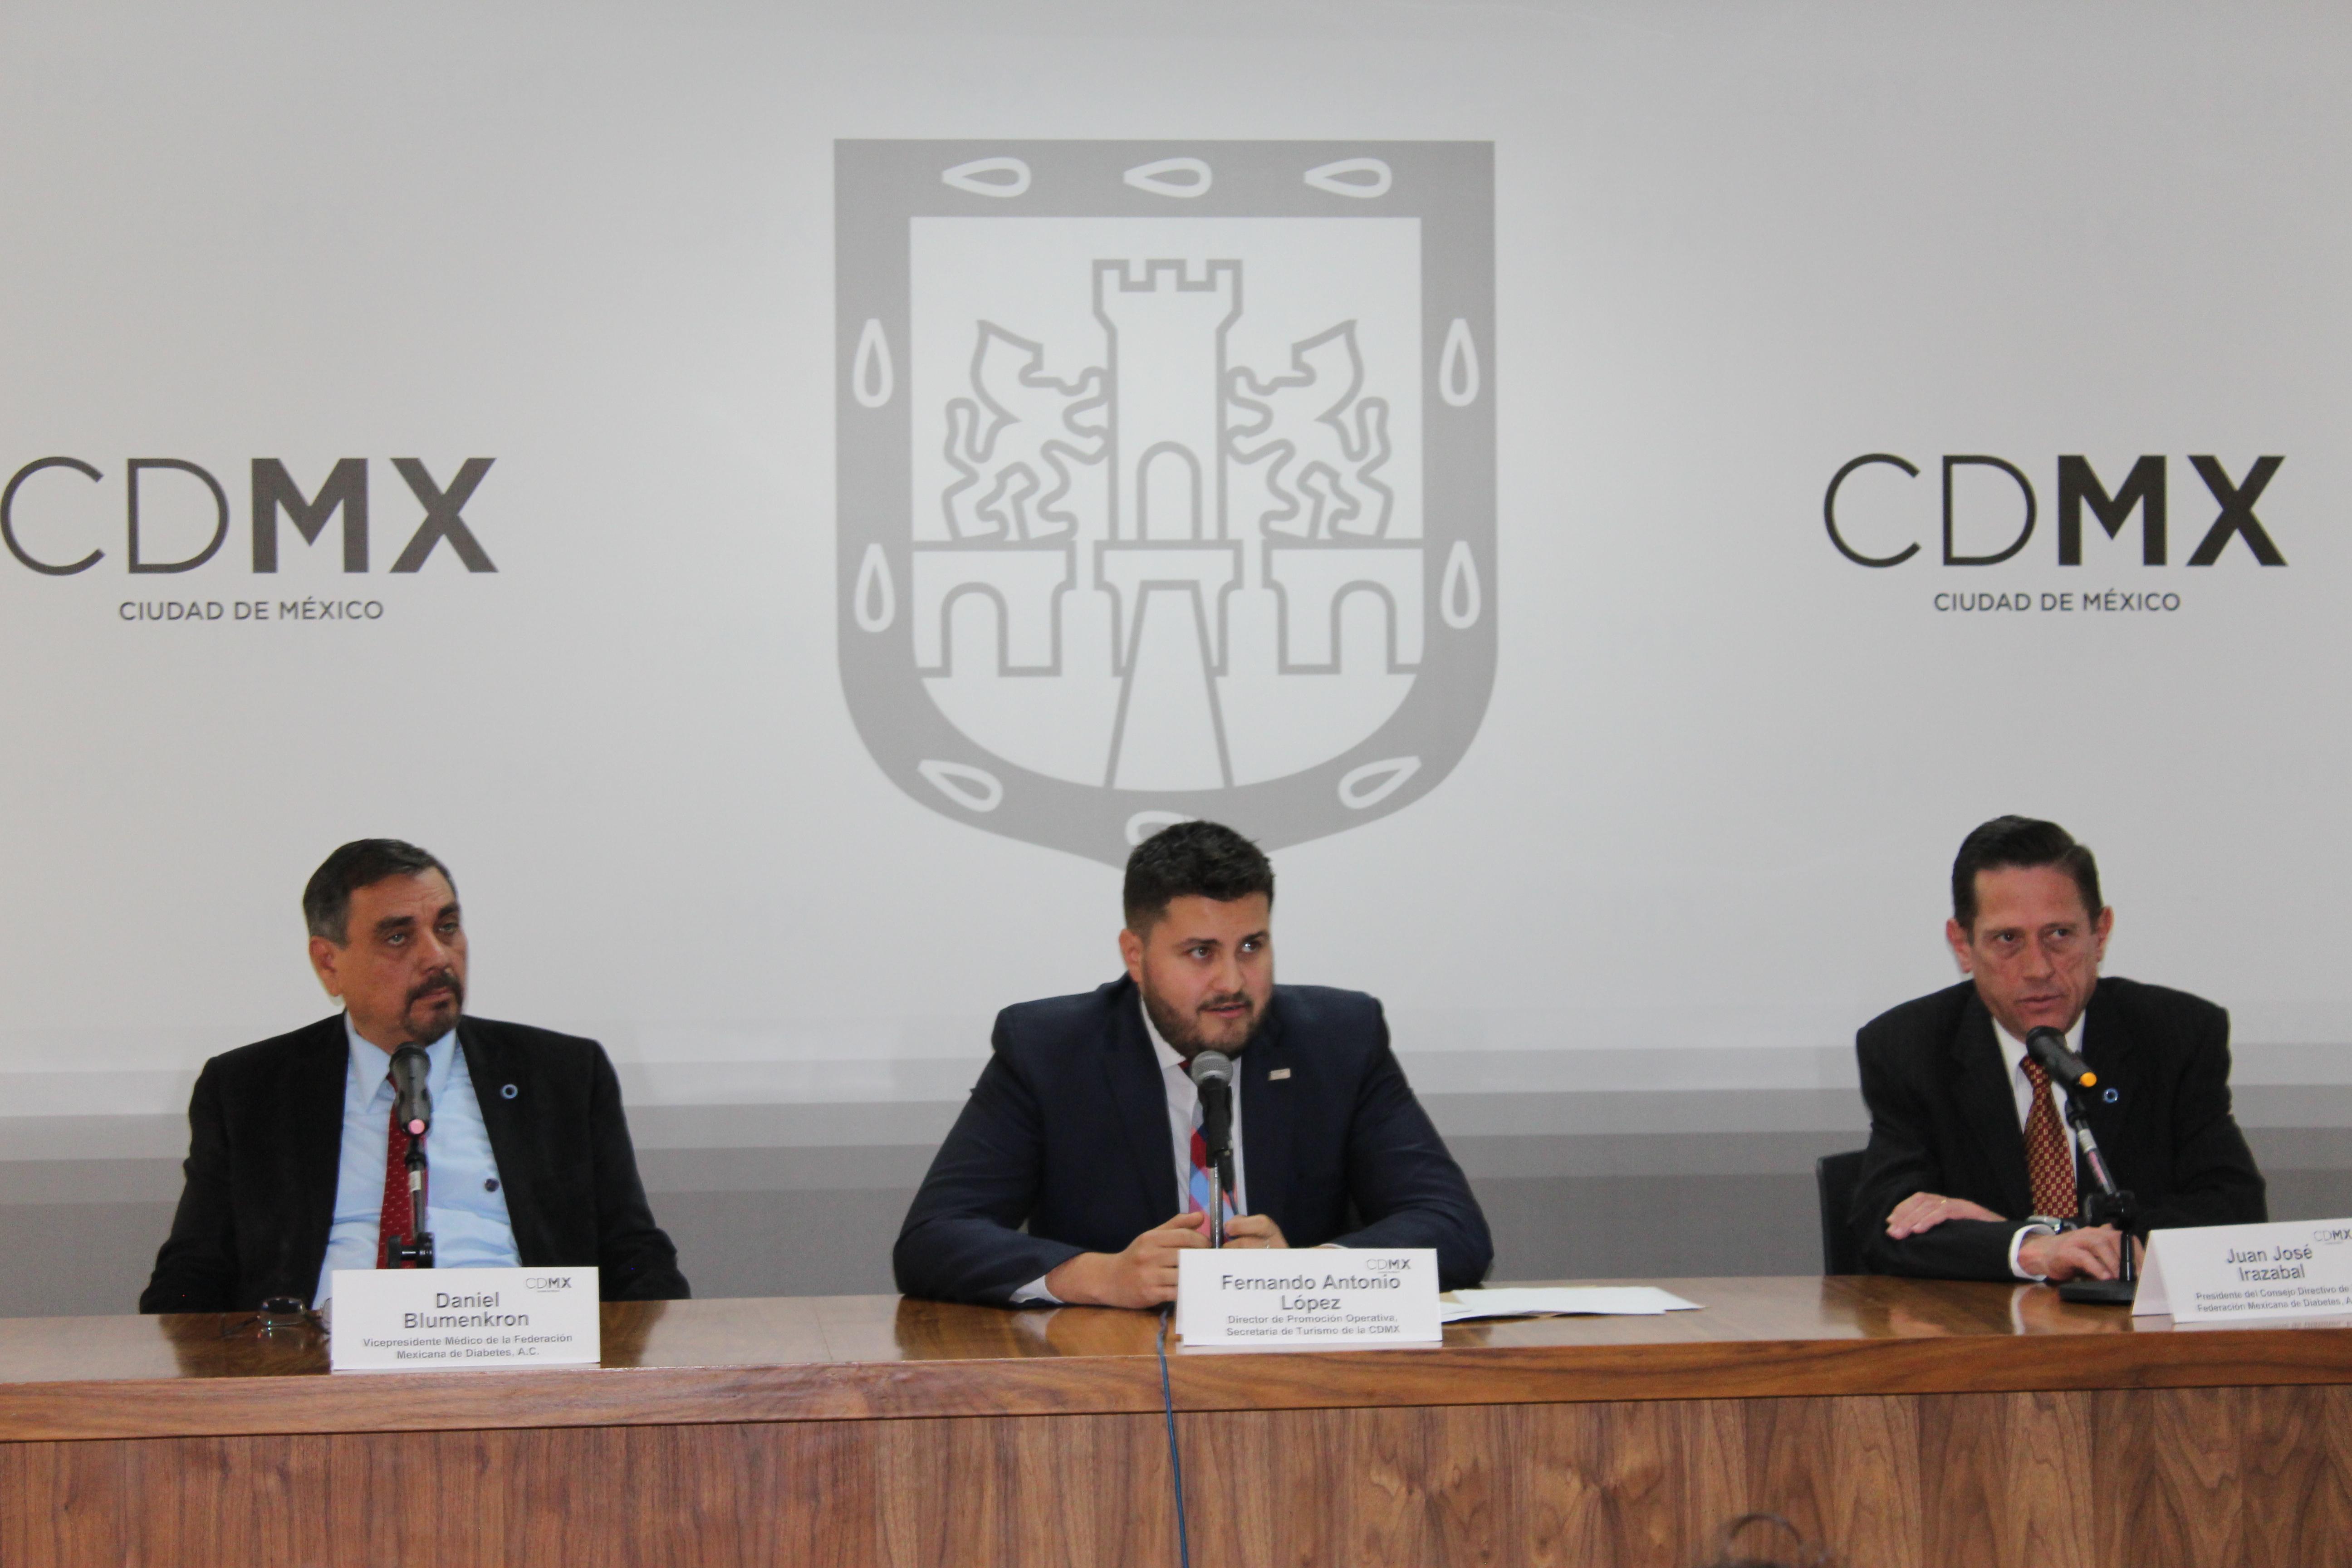 La Ciudad de México será sede del XXX Congreso de la Federación Mexicana de Diabetes, A.C.